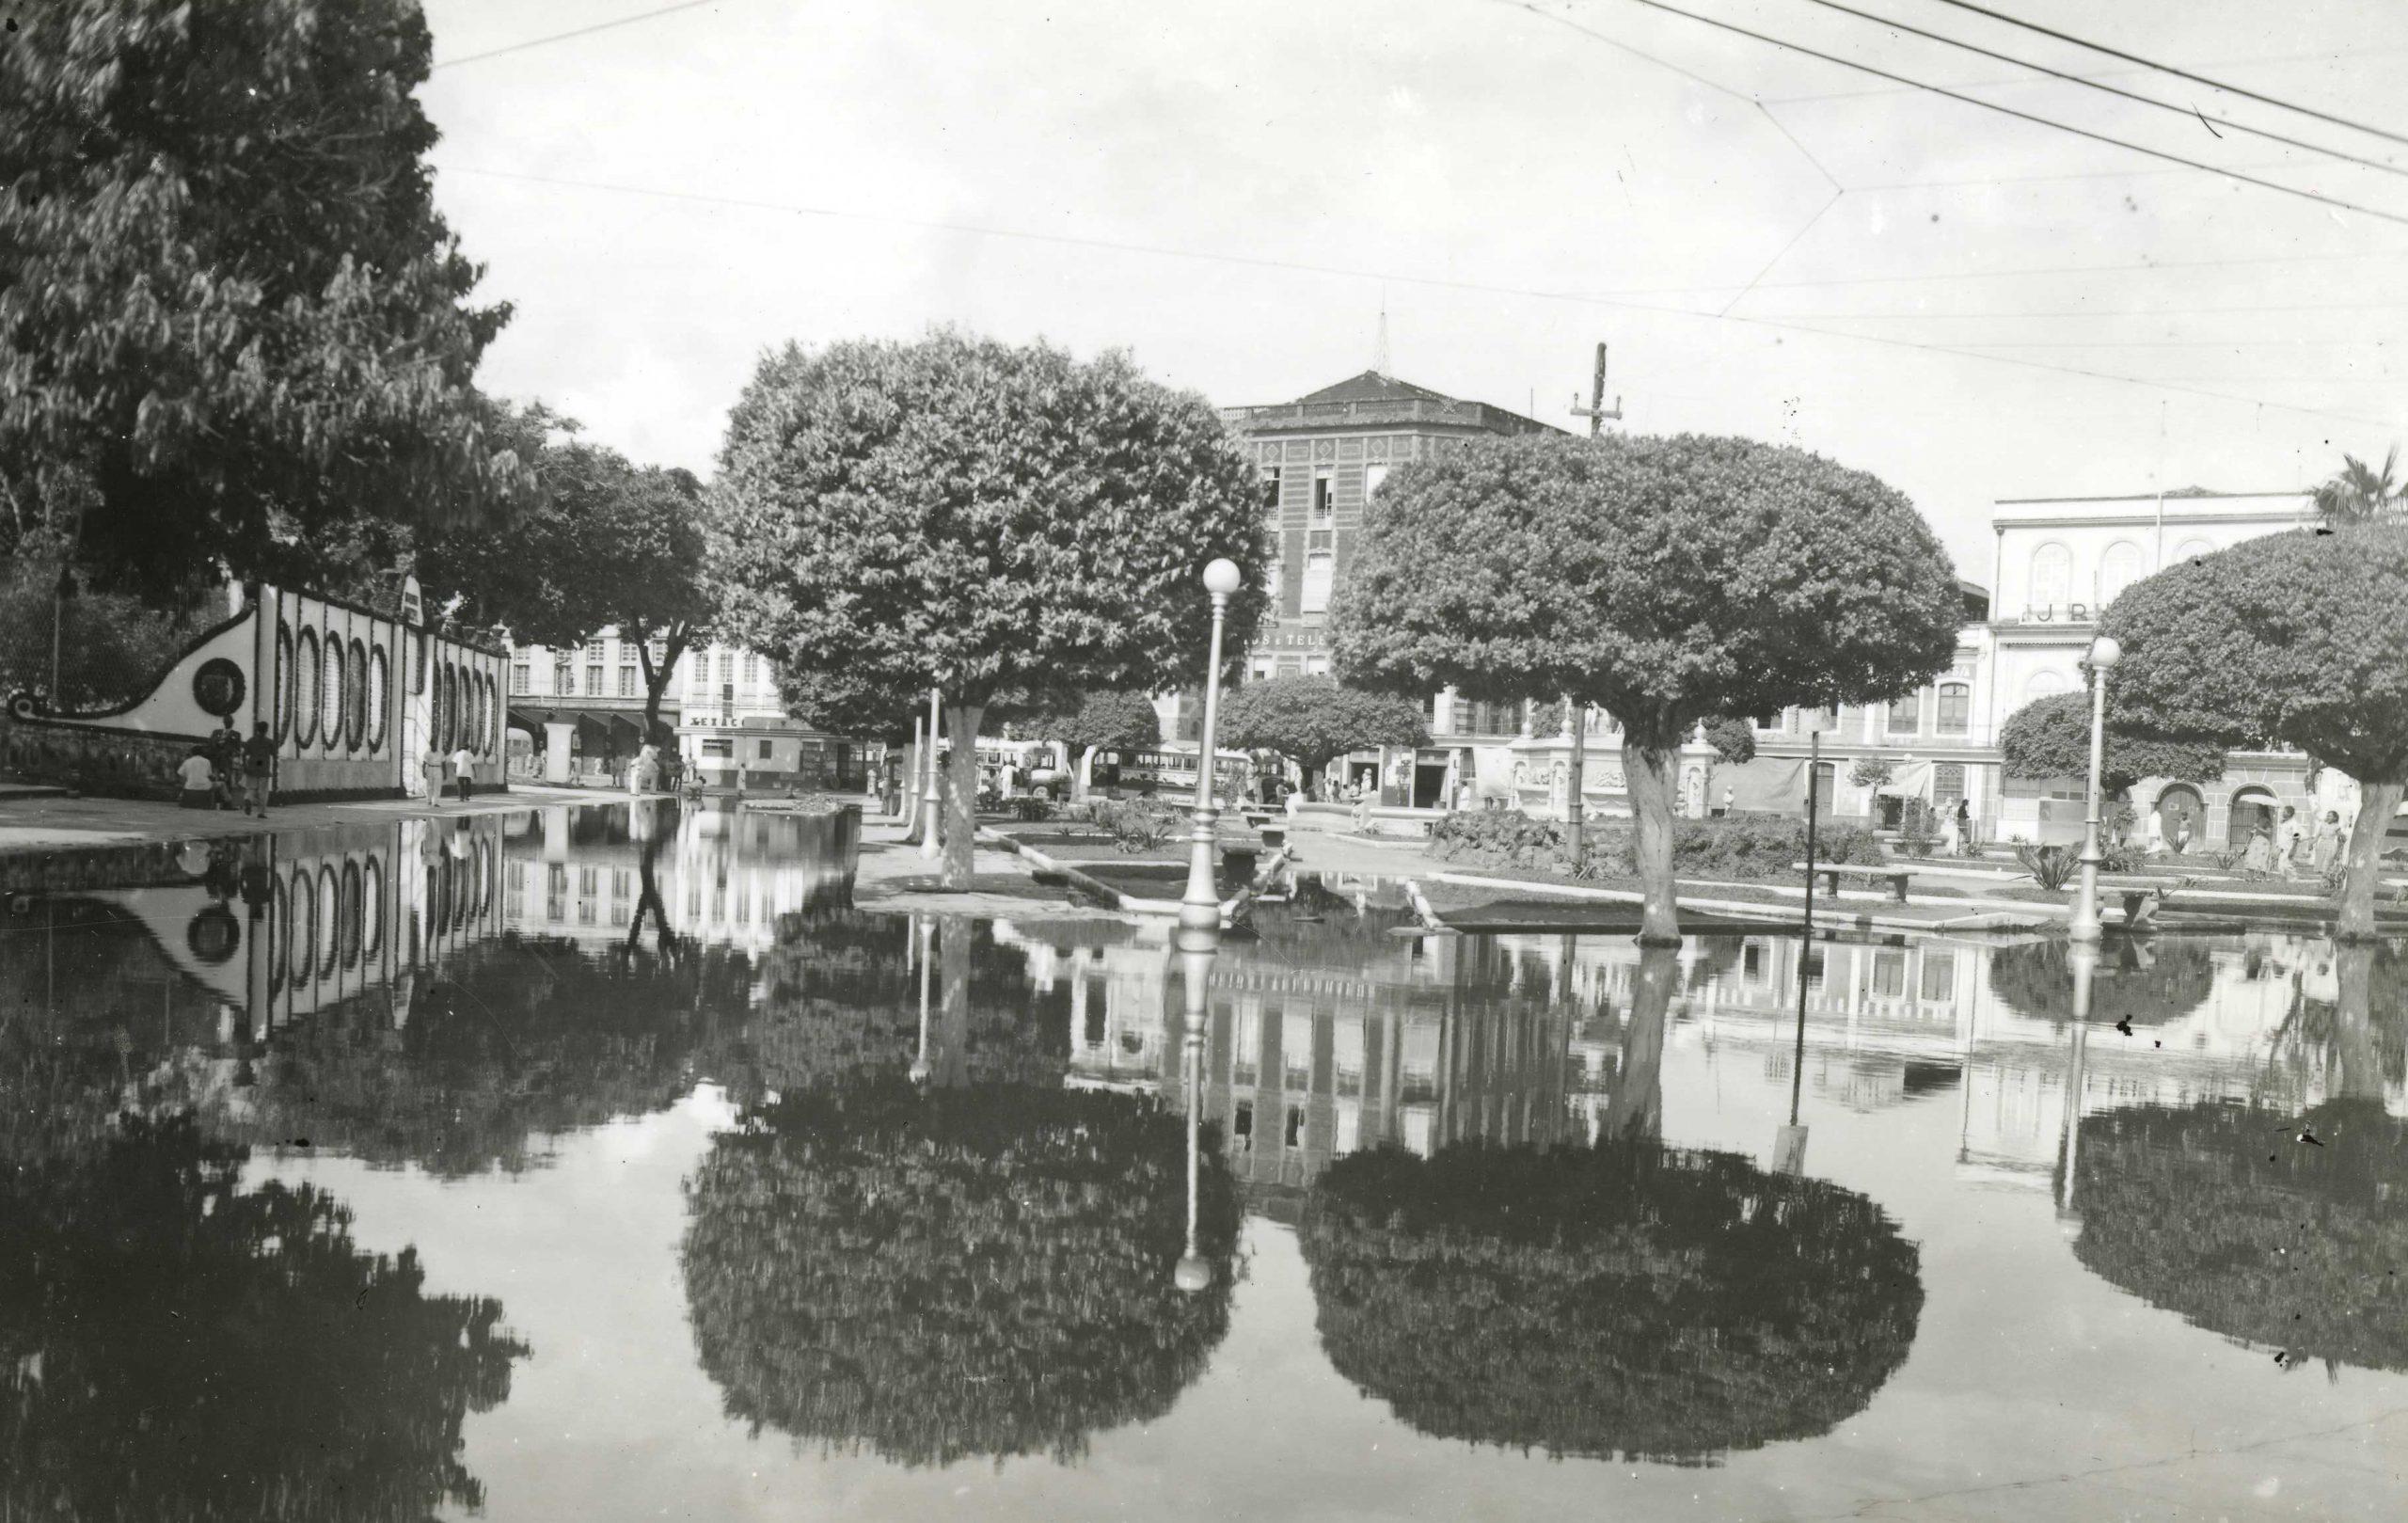 Cheia de 1953 em Manaus - Instituto Durango Duarte